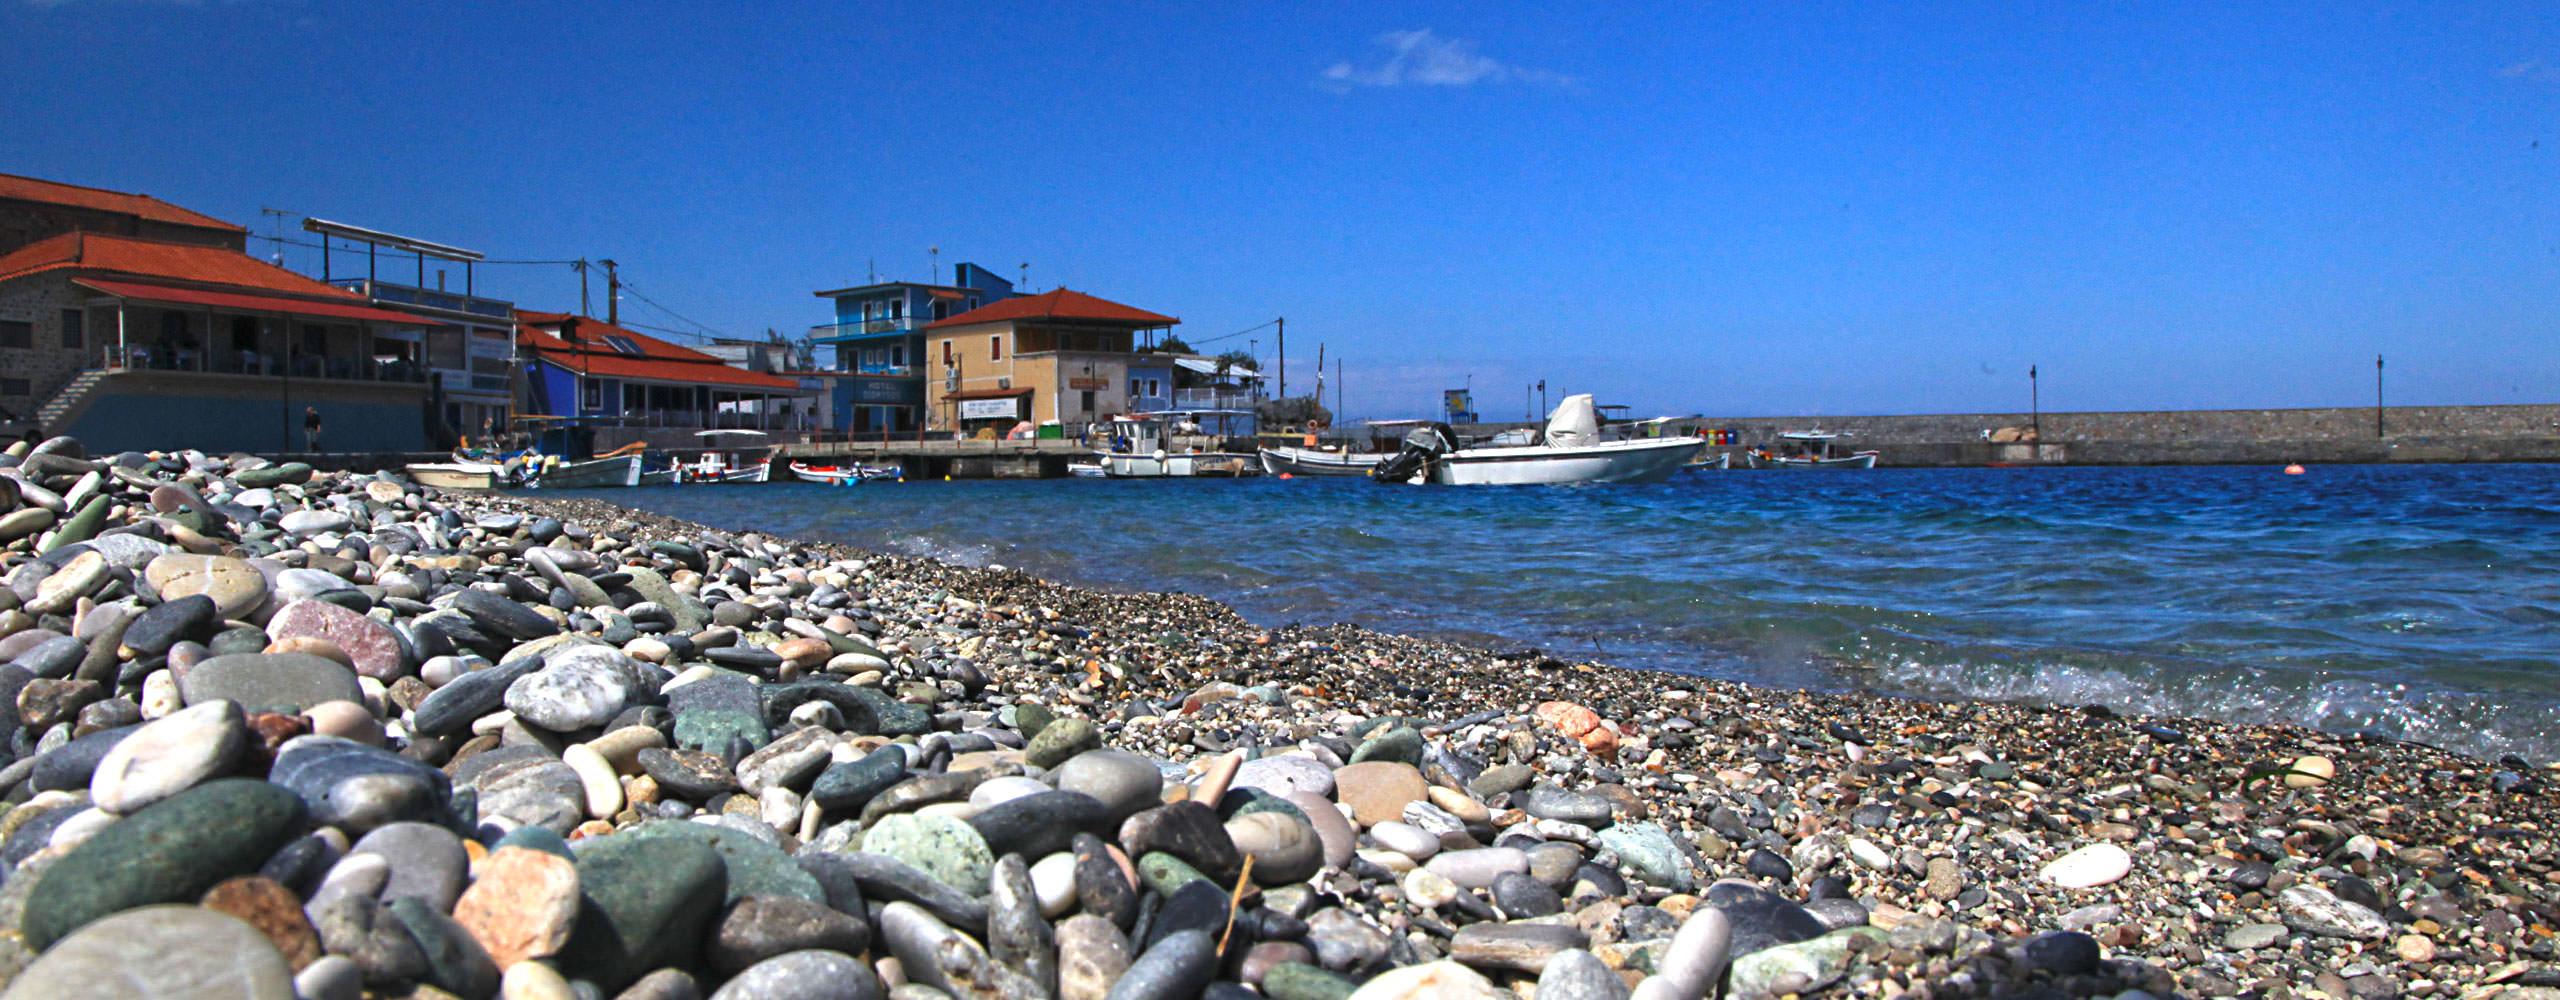 טיול ליוון בפסטיבל הצ'יפורו - 4 ימים - סופשבוע לאוהבי יוון